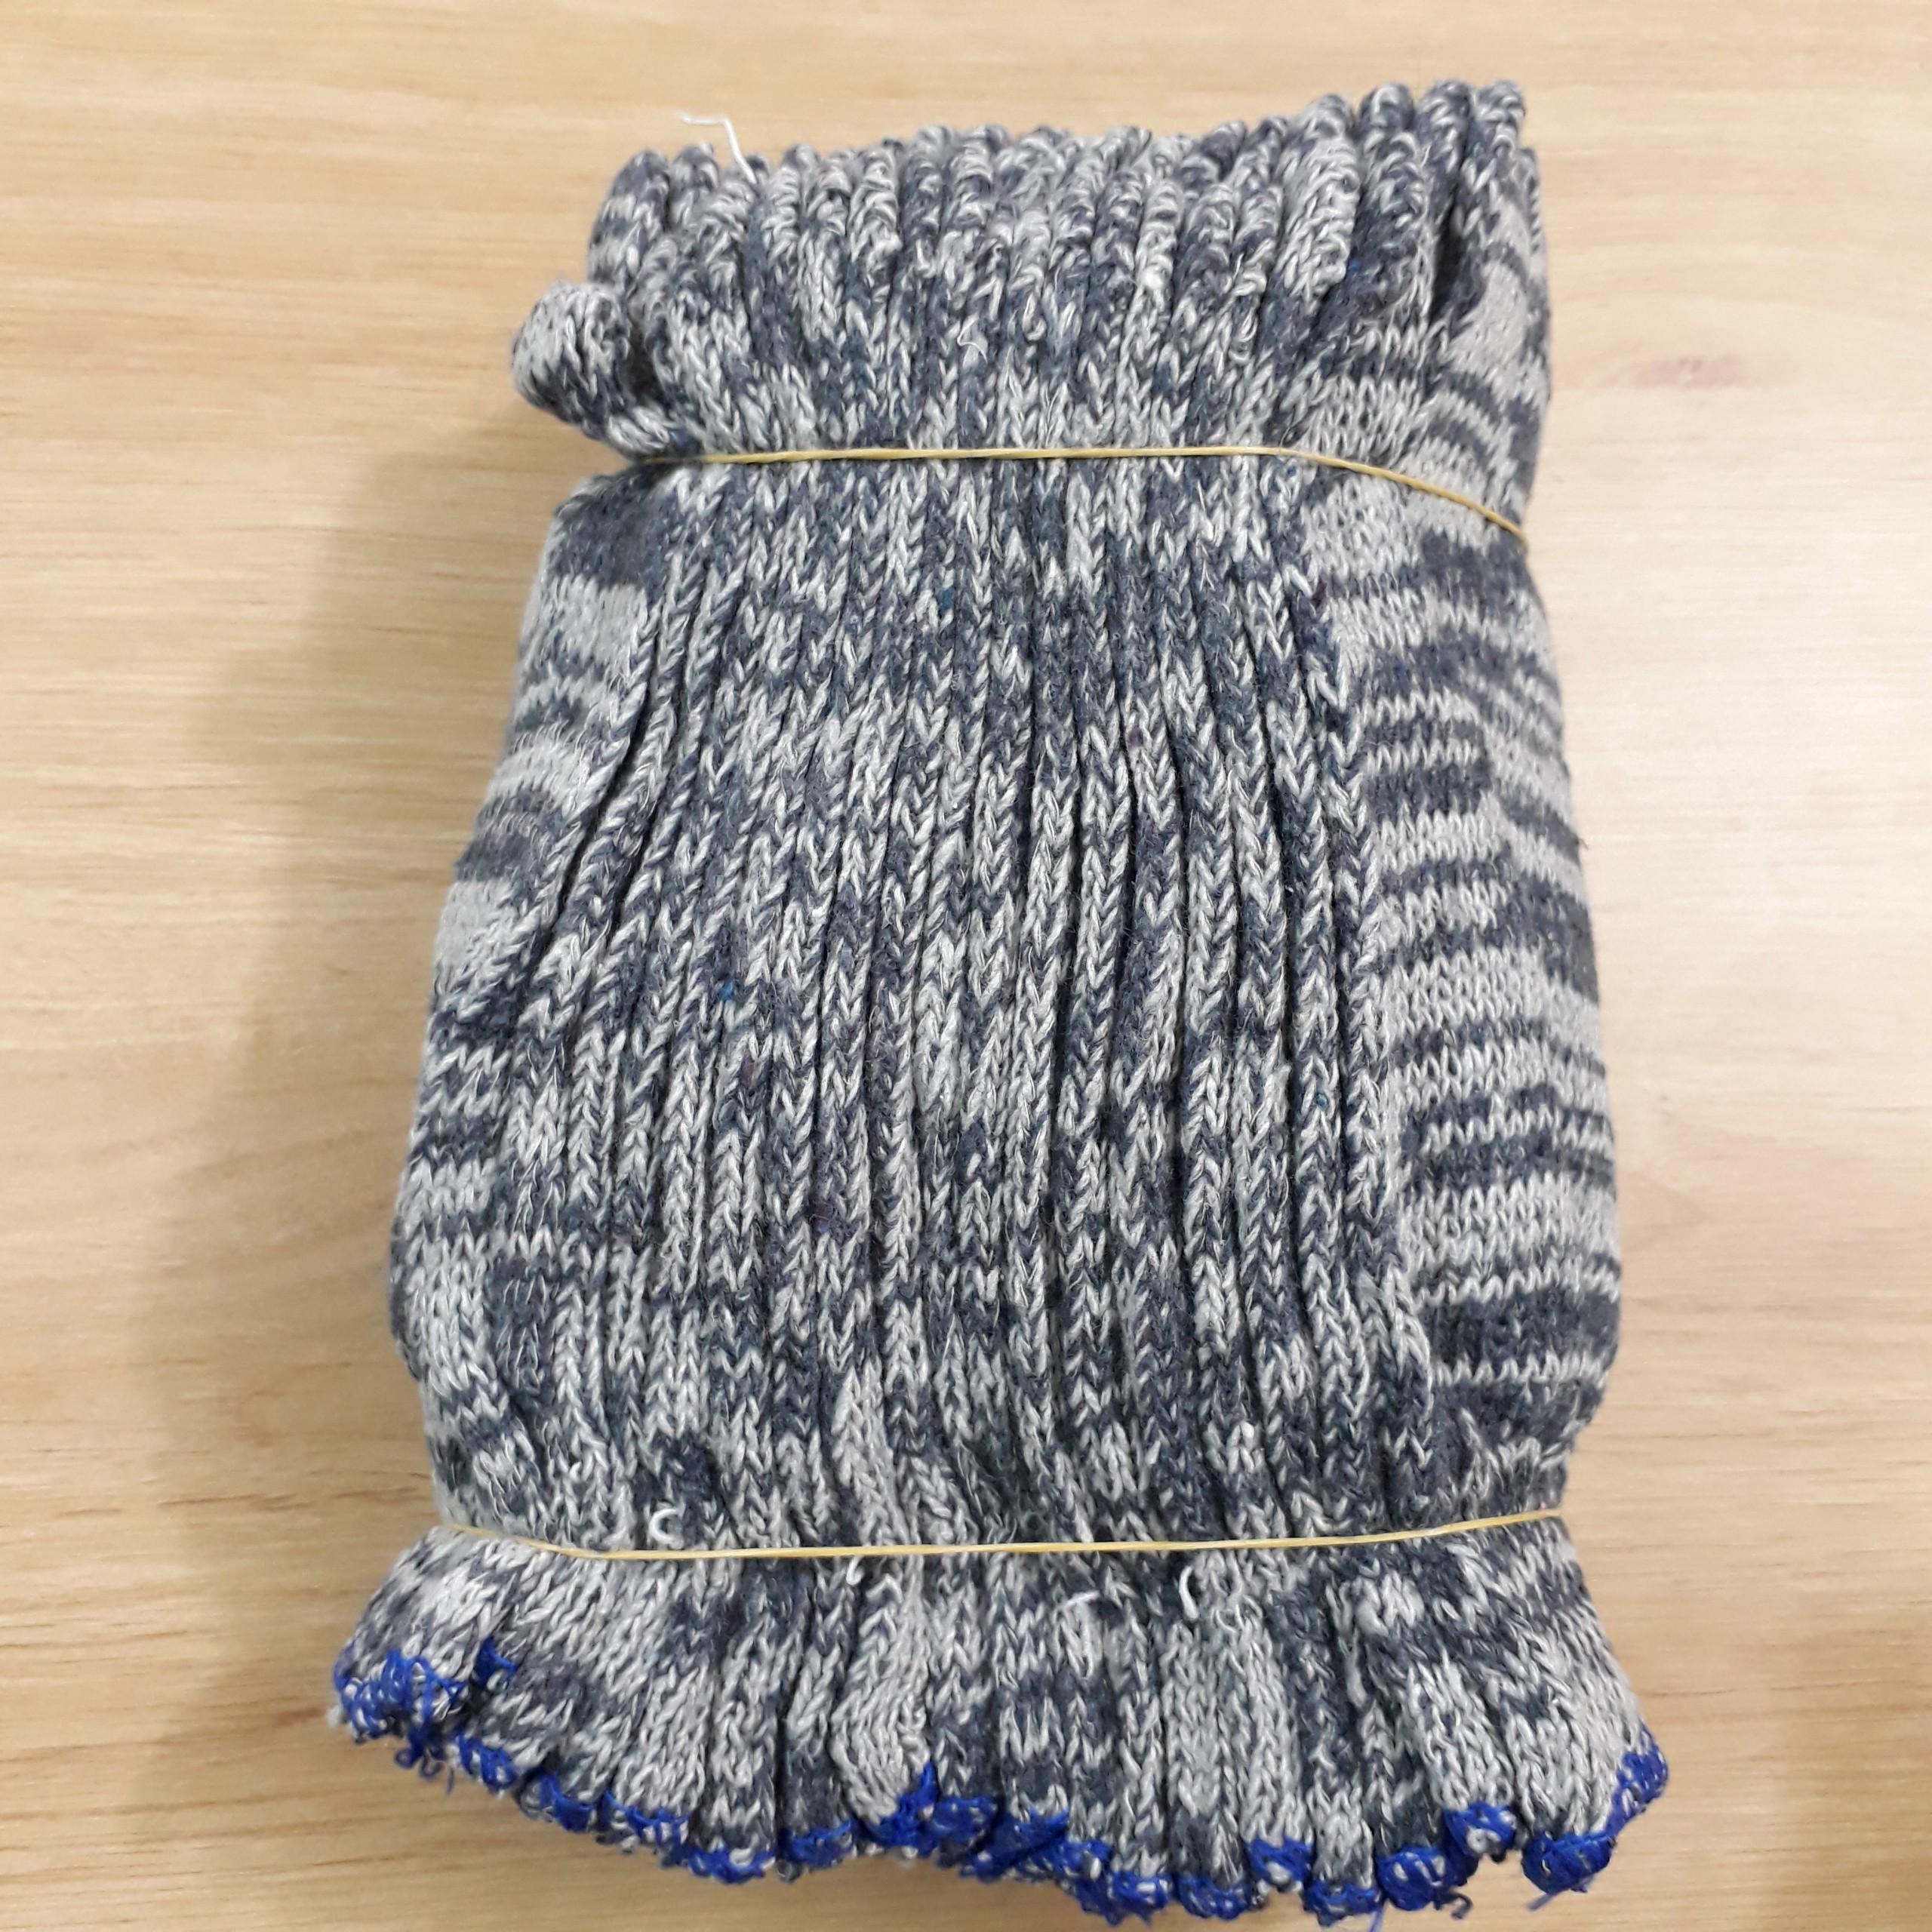 Găng tay bảo hộ bằng len màu muối tiêu 50g  VietNam | Giá rẻ nhất - Công Ty TNHH Thương Mại Dịch Vụ Đạt Tâm